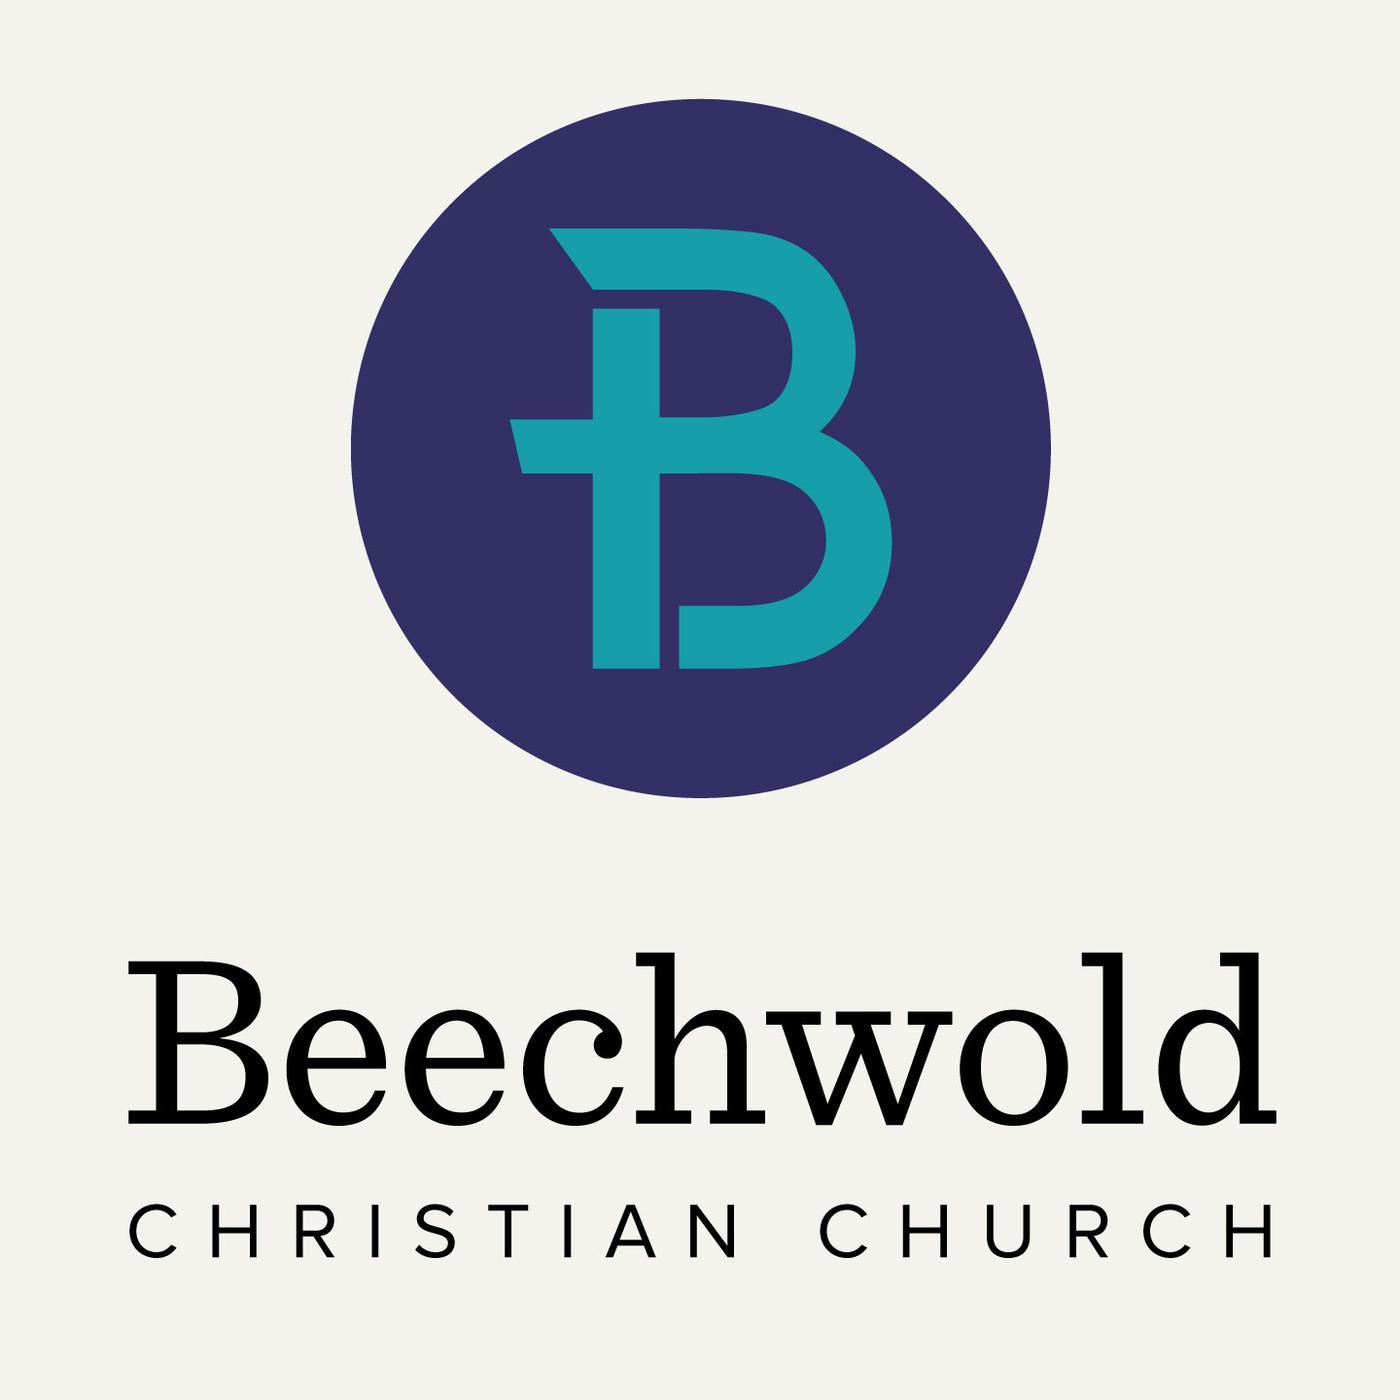 Beechwold Christian Church